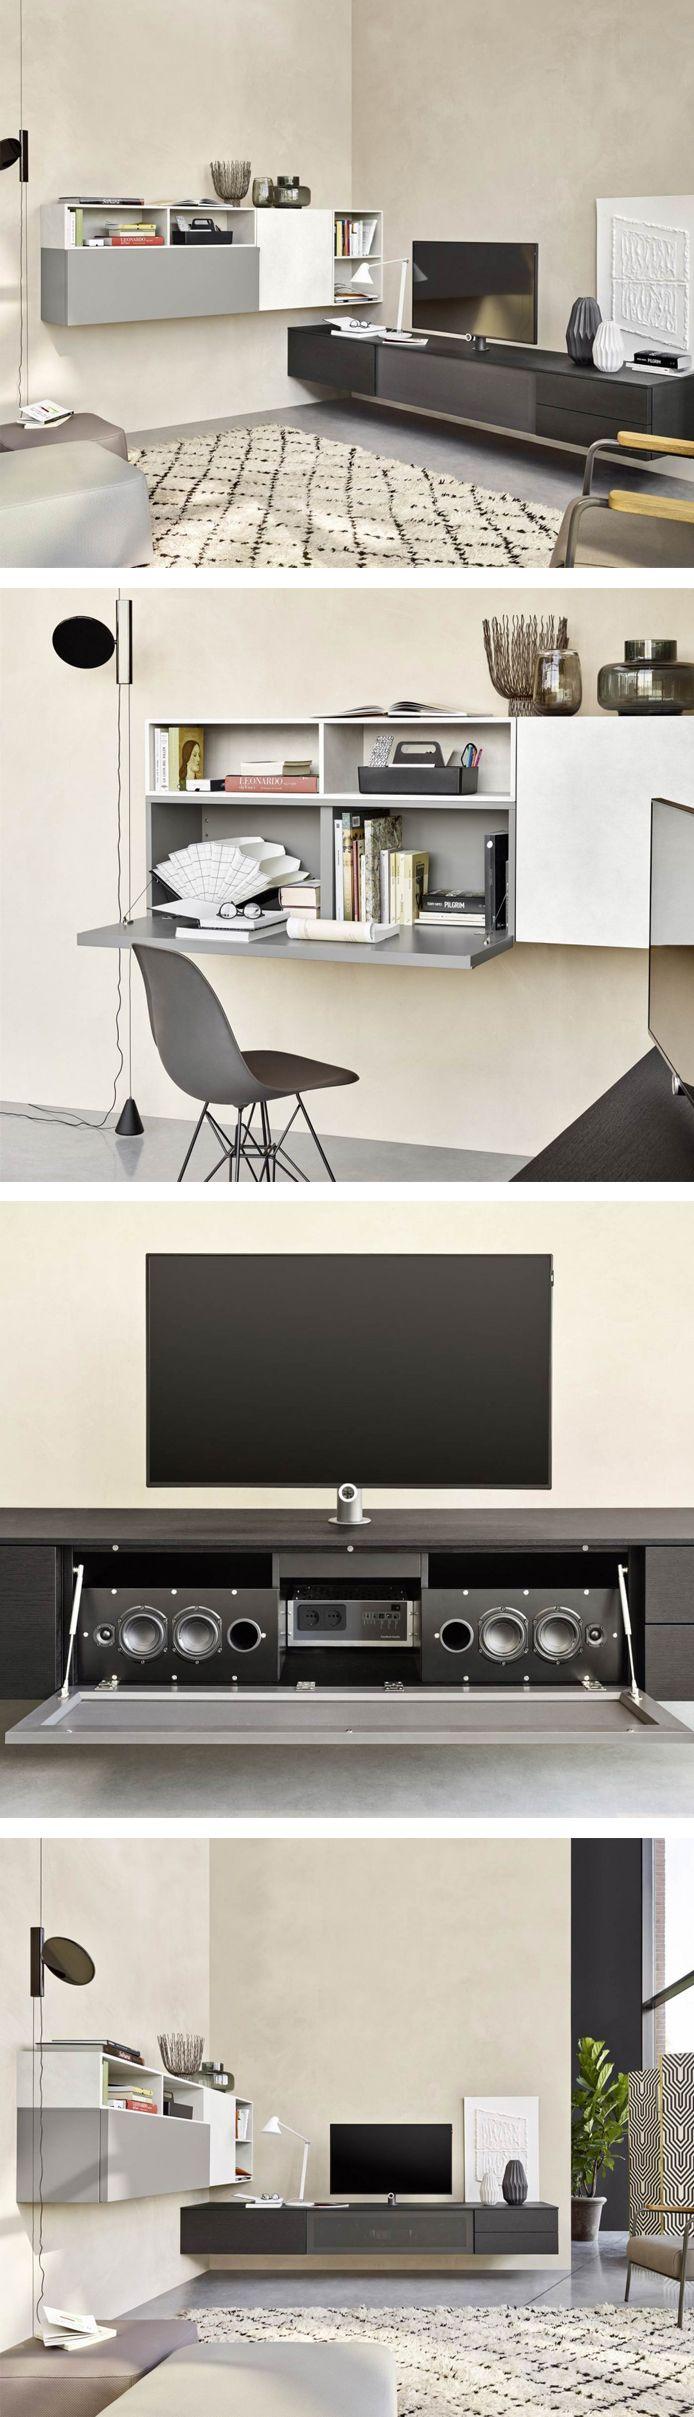 die design audio wohnwand c51 hat eine integrierte tv halterung, Wohnzimmer dekoo